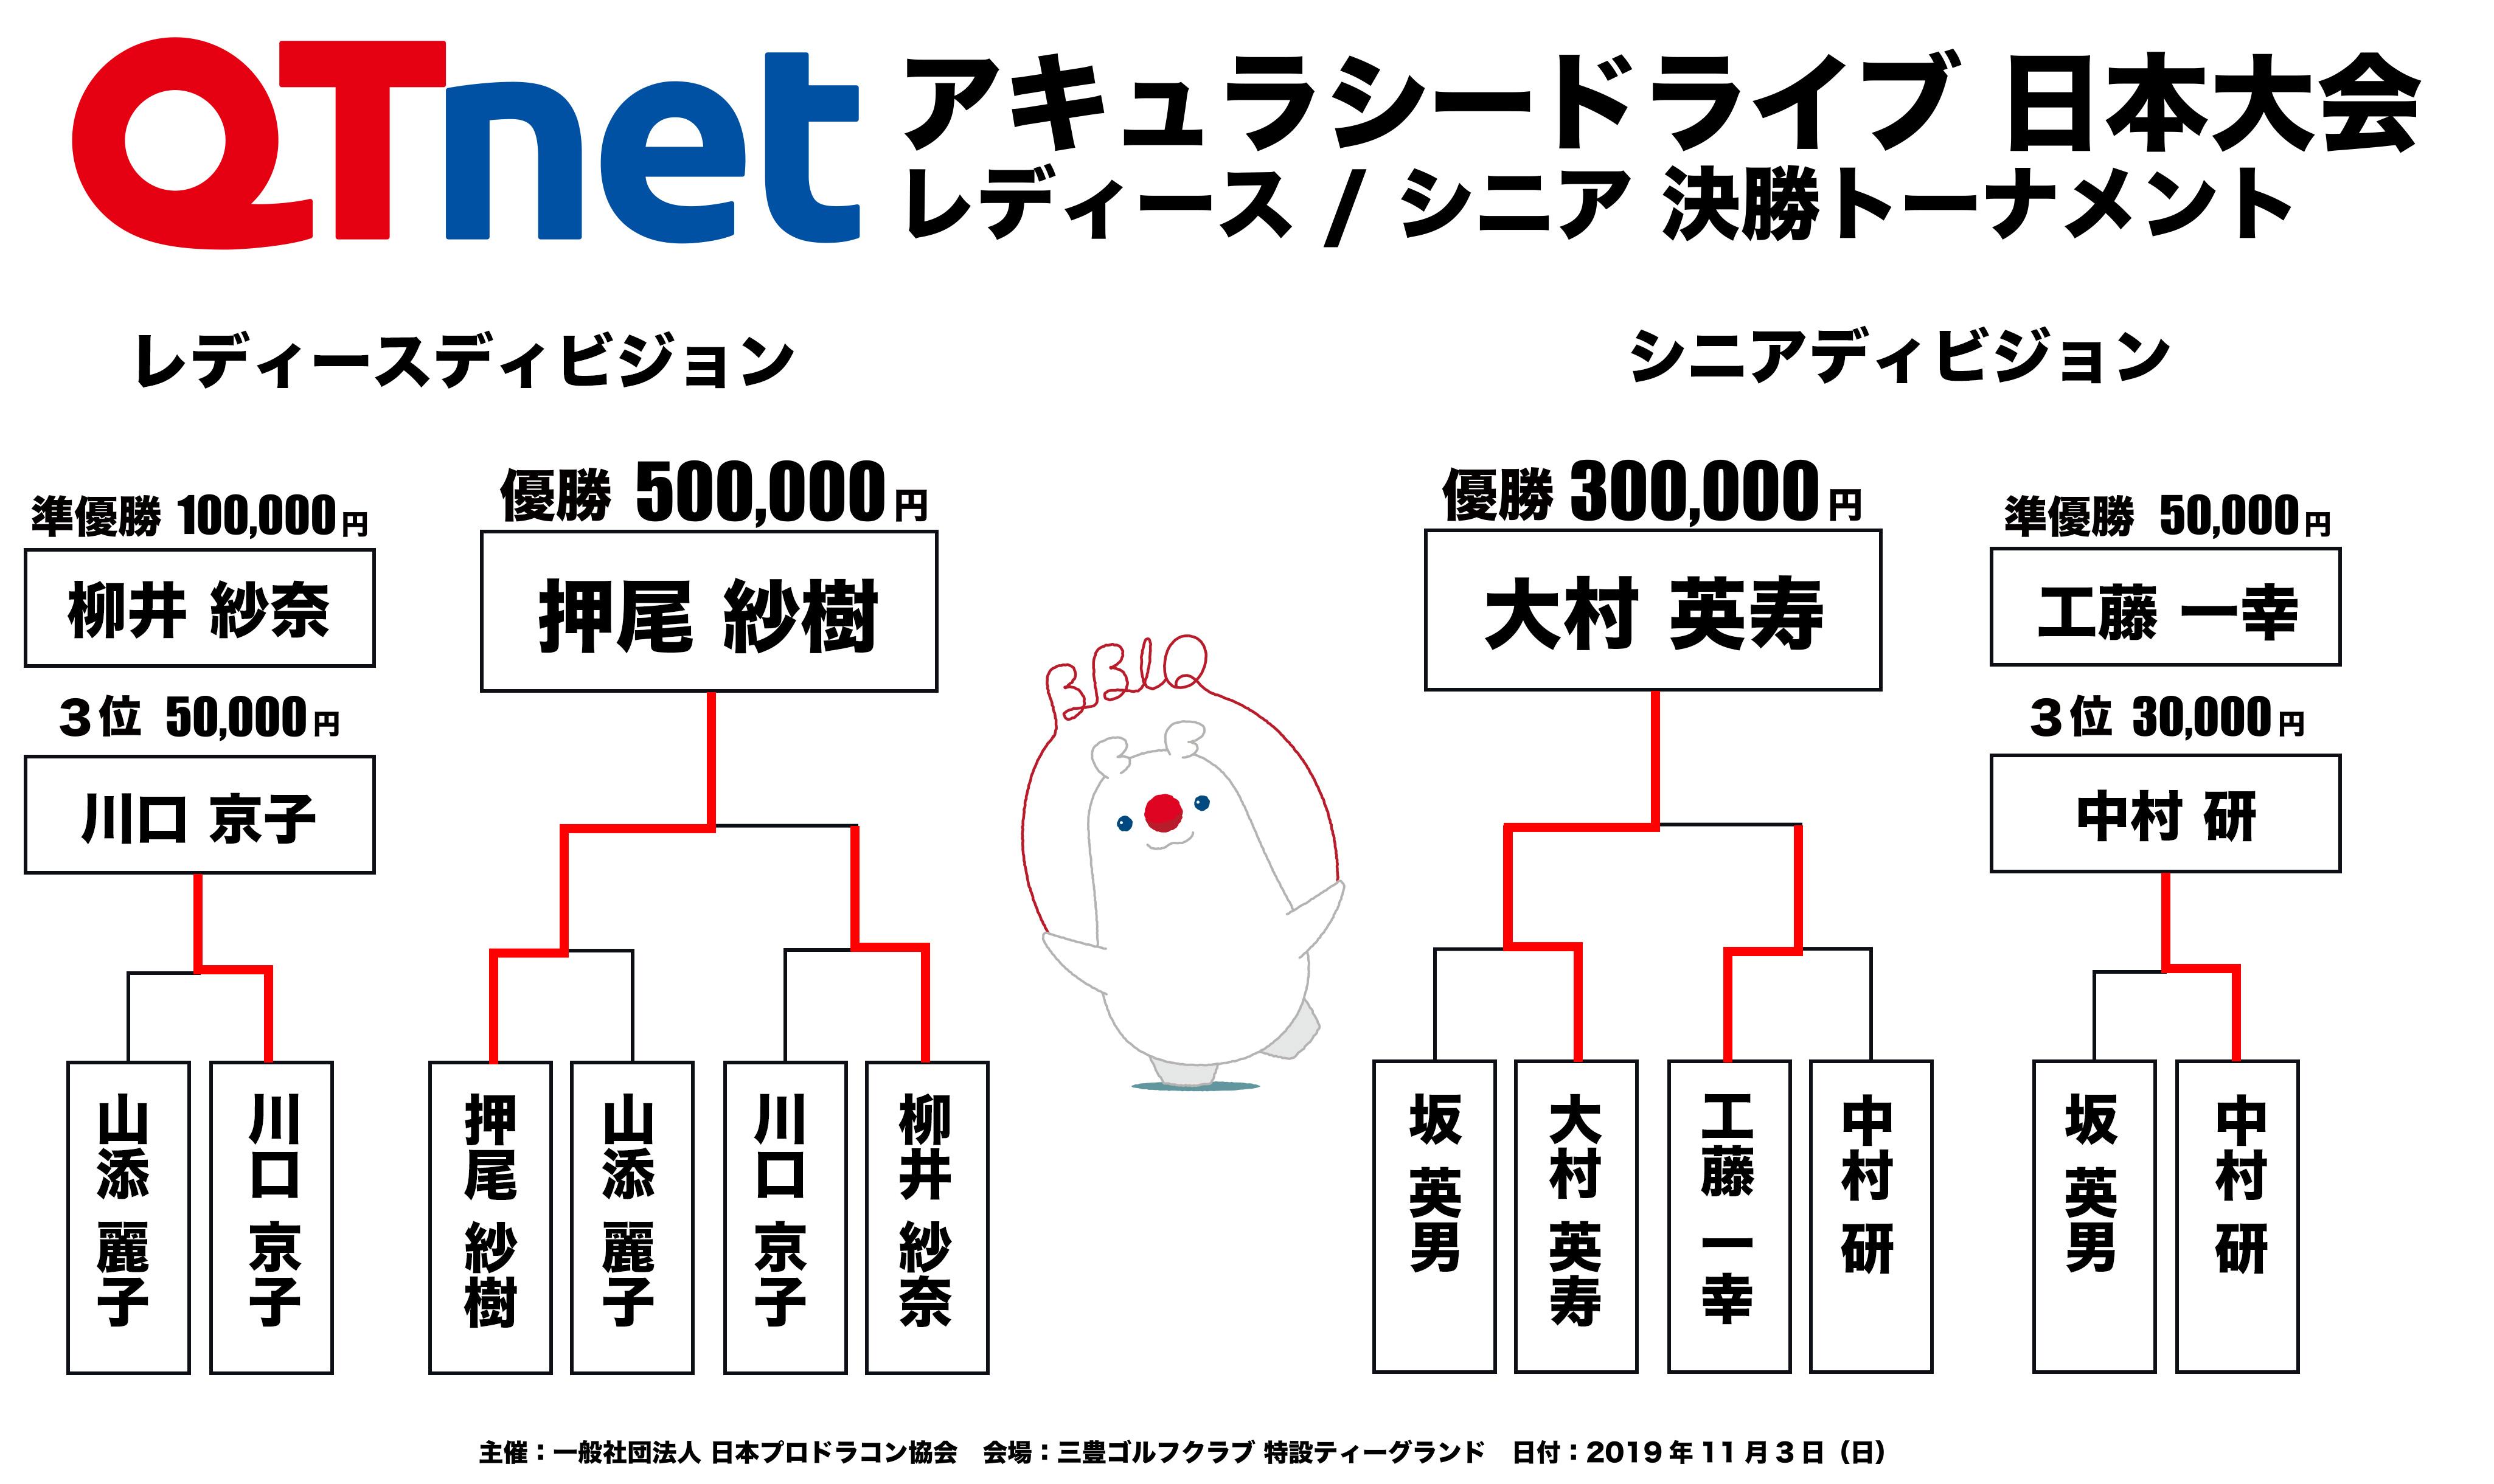 ドラコン日本一決定戦2019 アキュラシードライブ レディース・シニア結果